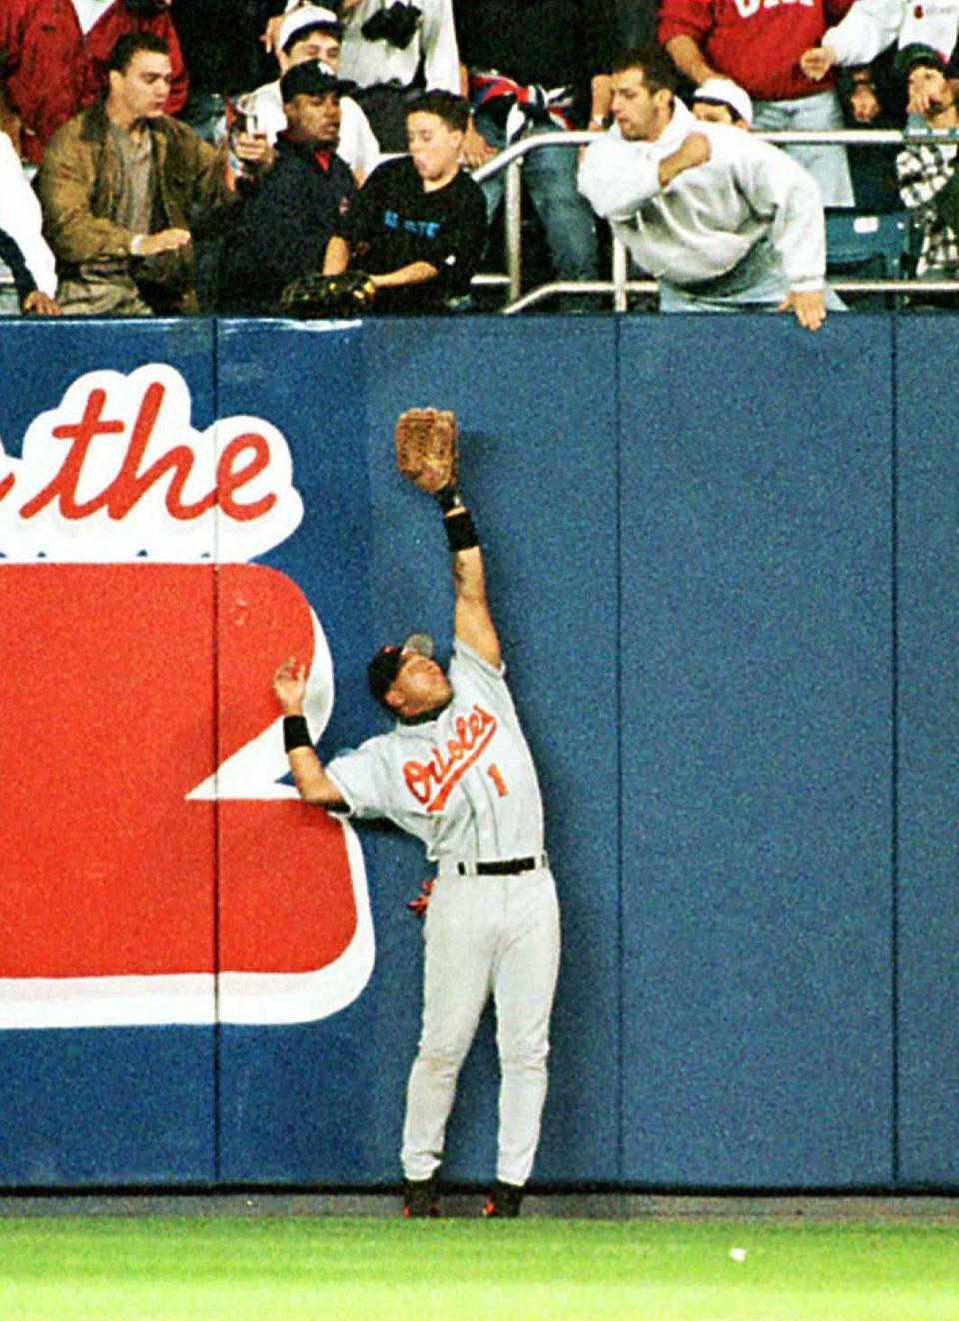 Baltimore Orioles' right fielder Tony Tarasco trio